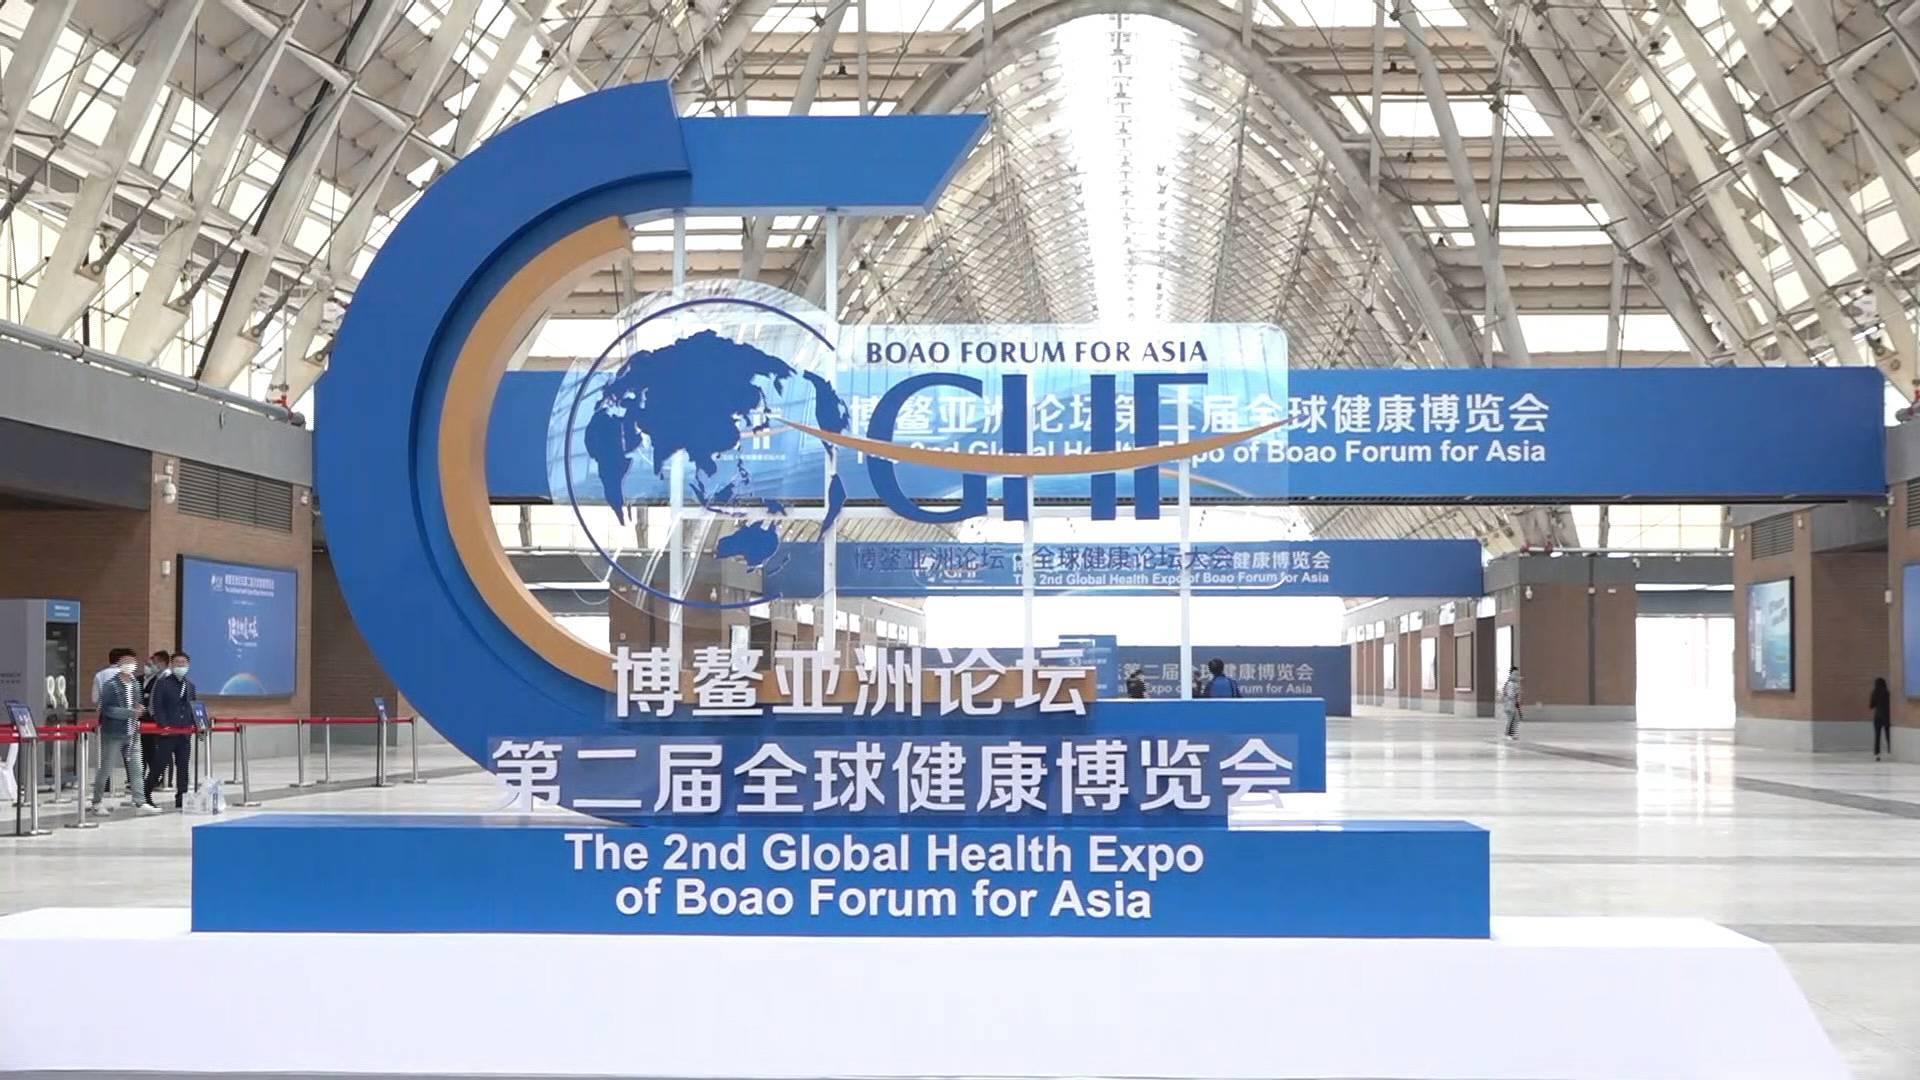 李保东、陈冯富珍呼吁以科学、专业的态度对待新冠病毒源头问题